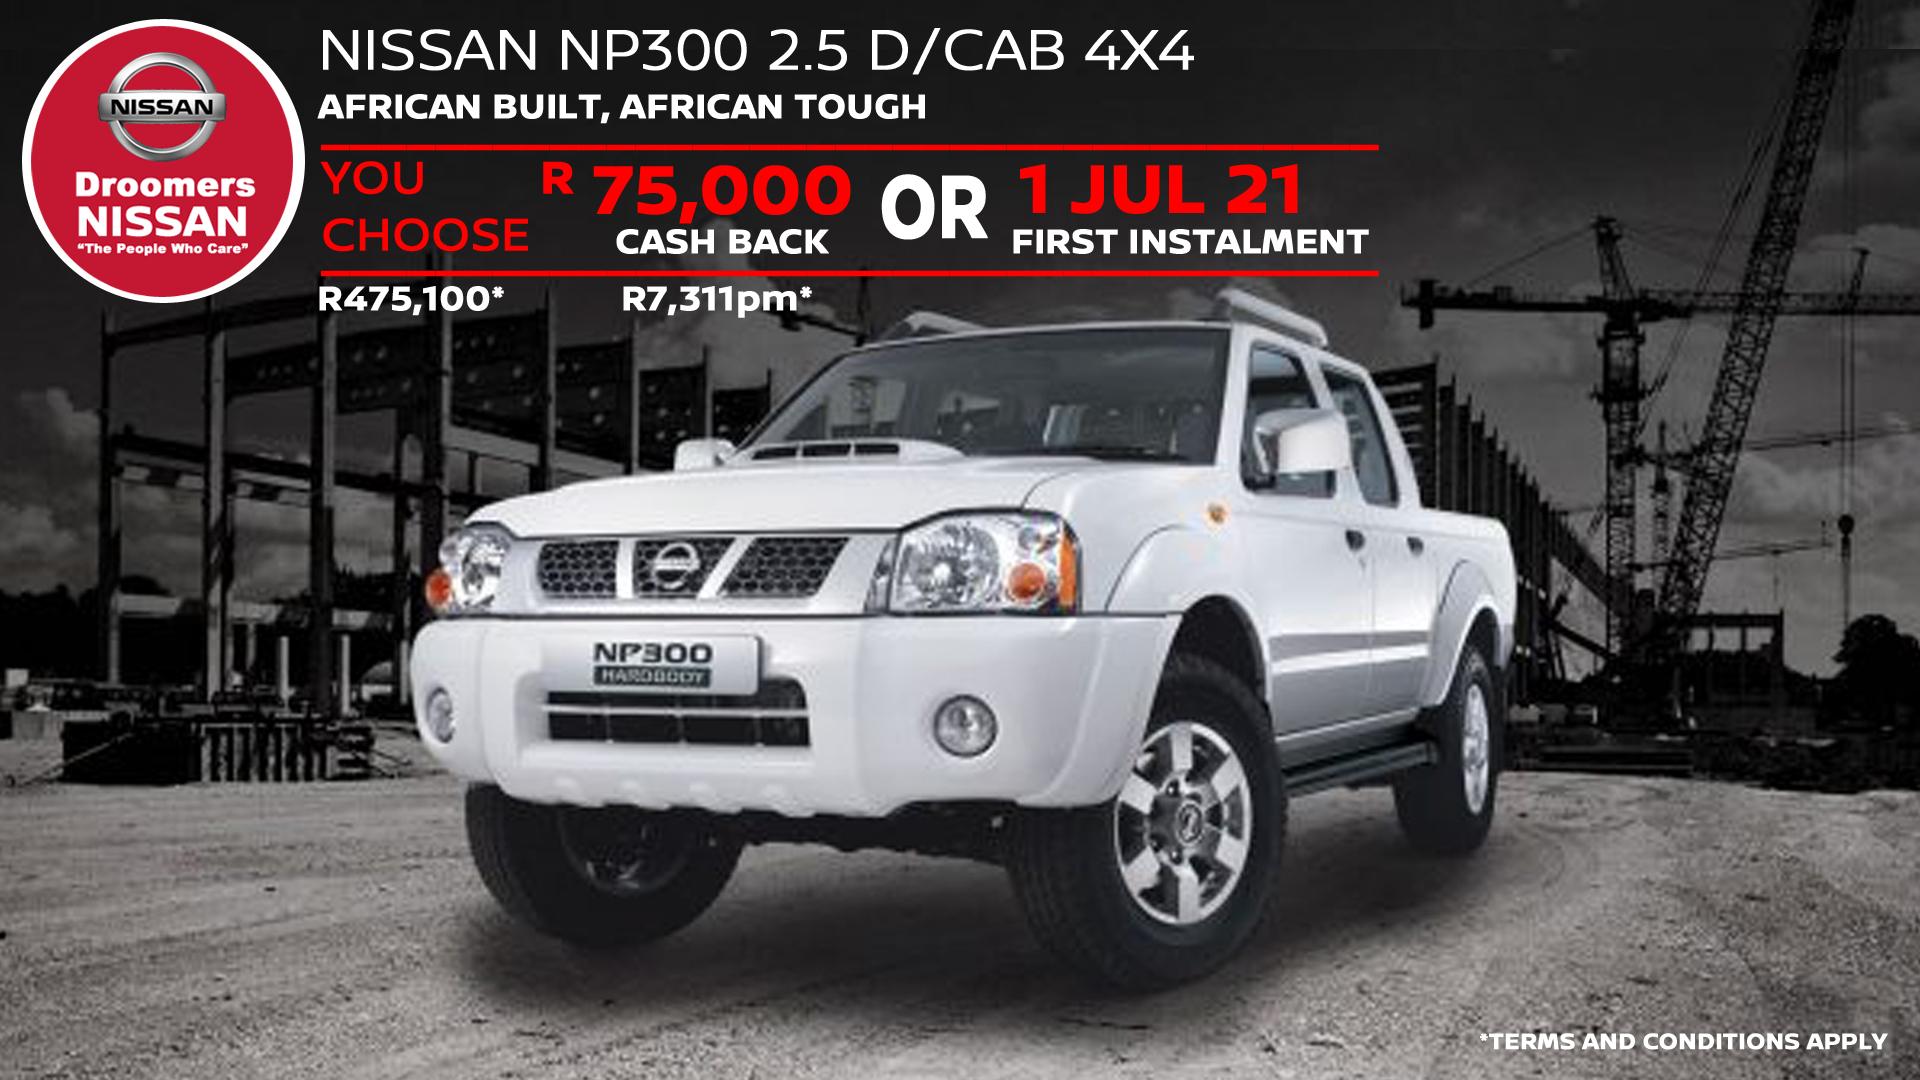 NISSAN NP300 2.5 D/CAB 4X4